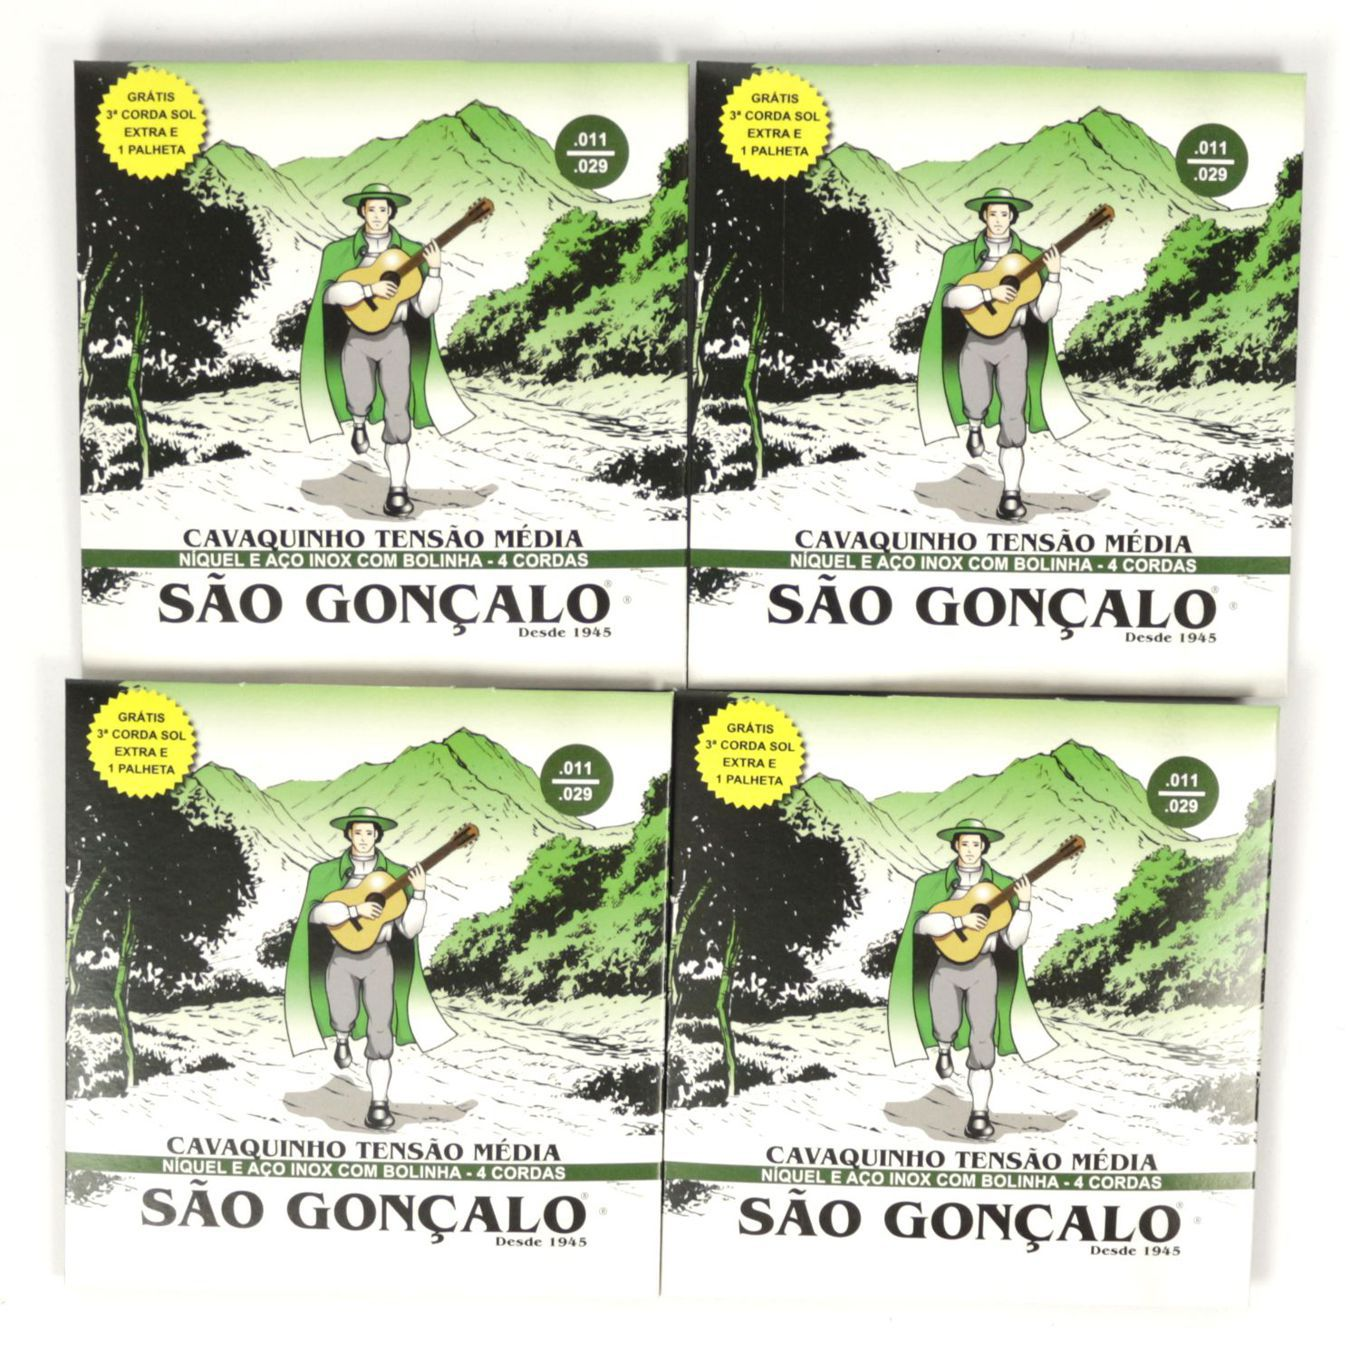 Encordoamento para Cavaquinho São Gonçalo IZ 0131 com SOL EXTRA e Palheta - 04 Unidades